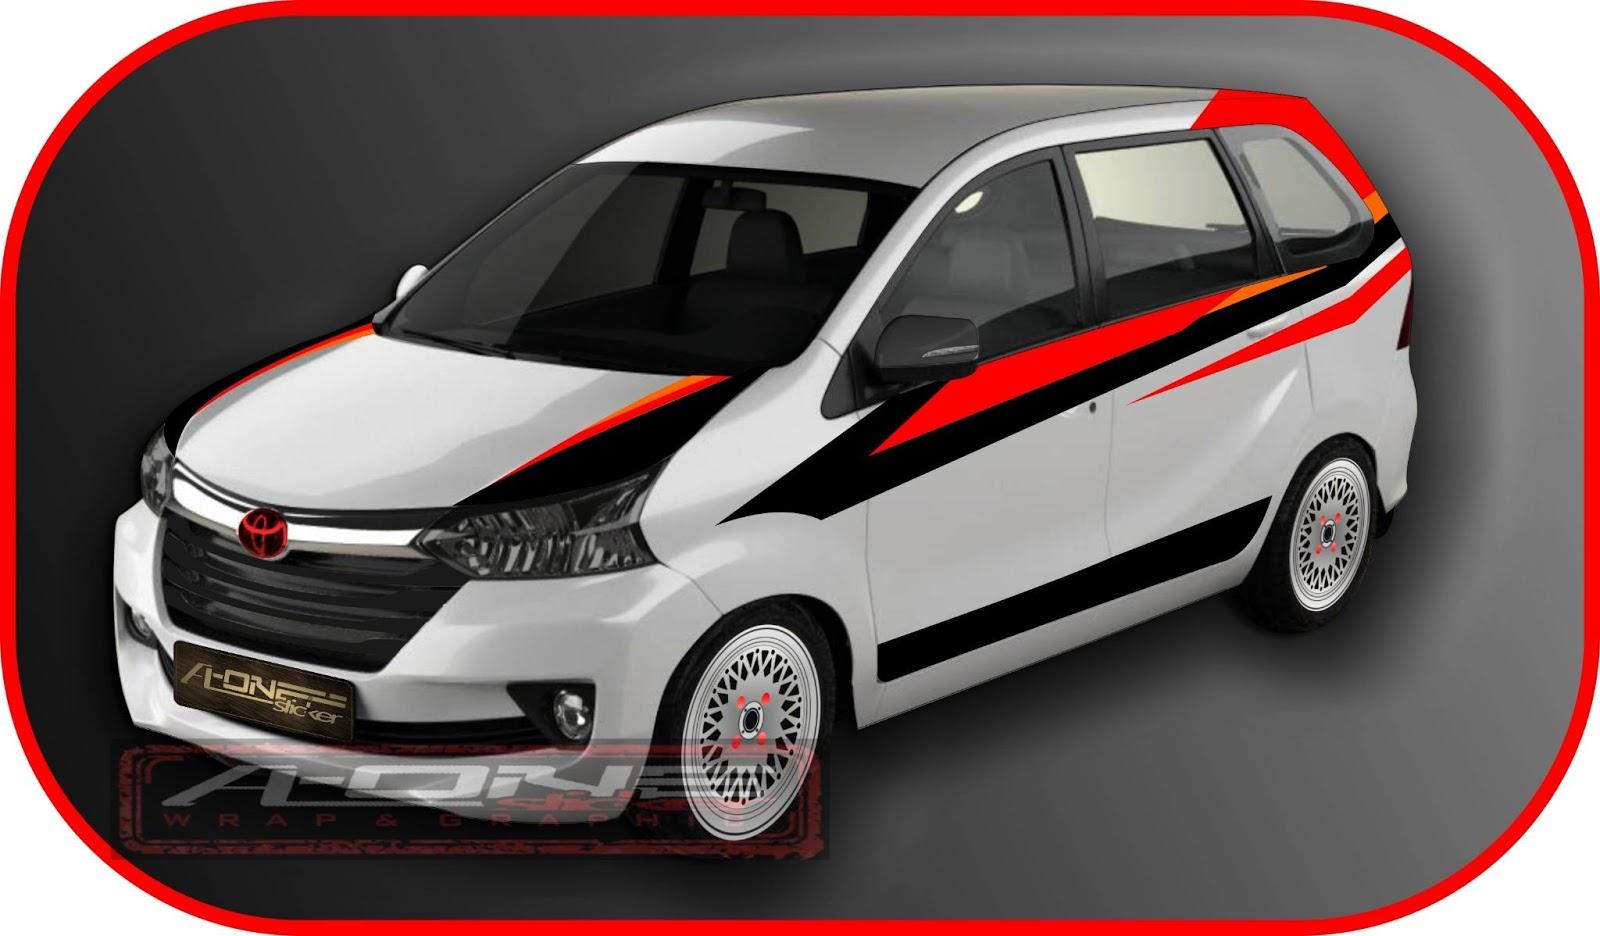 cutting sticker grand new avanza interior veloz 1.5 top mobil toyota tahun ini modif modifikasi stiker hitam ottomania86